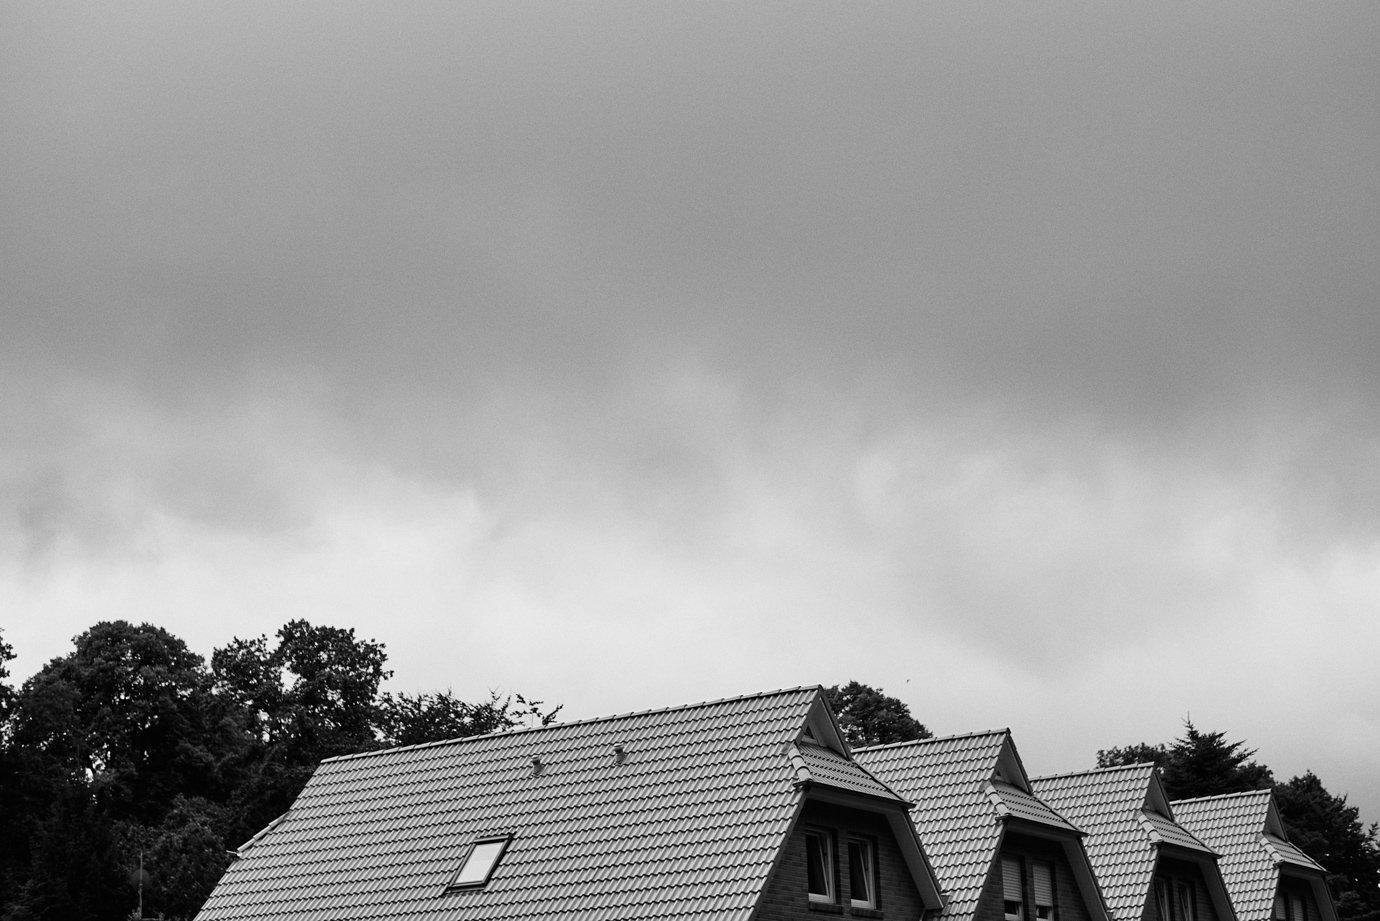 hochzeitsfotograf wildeshausen